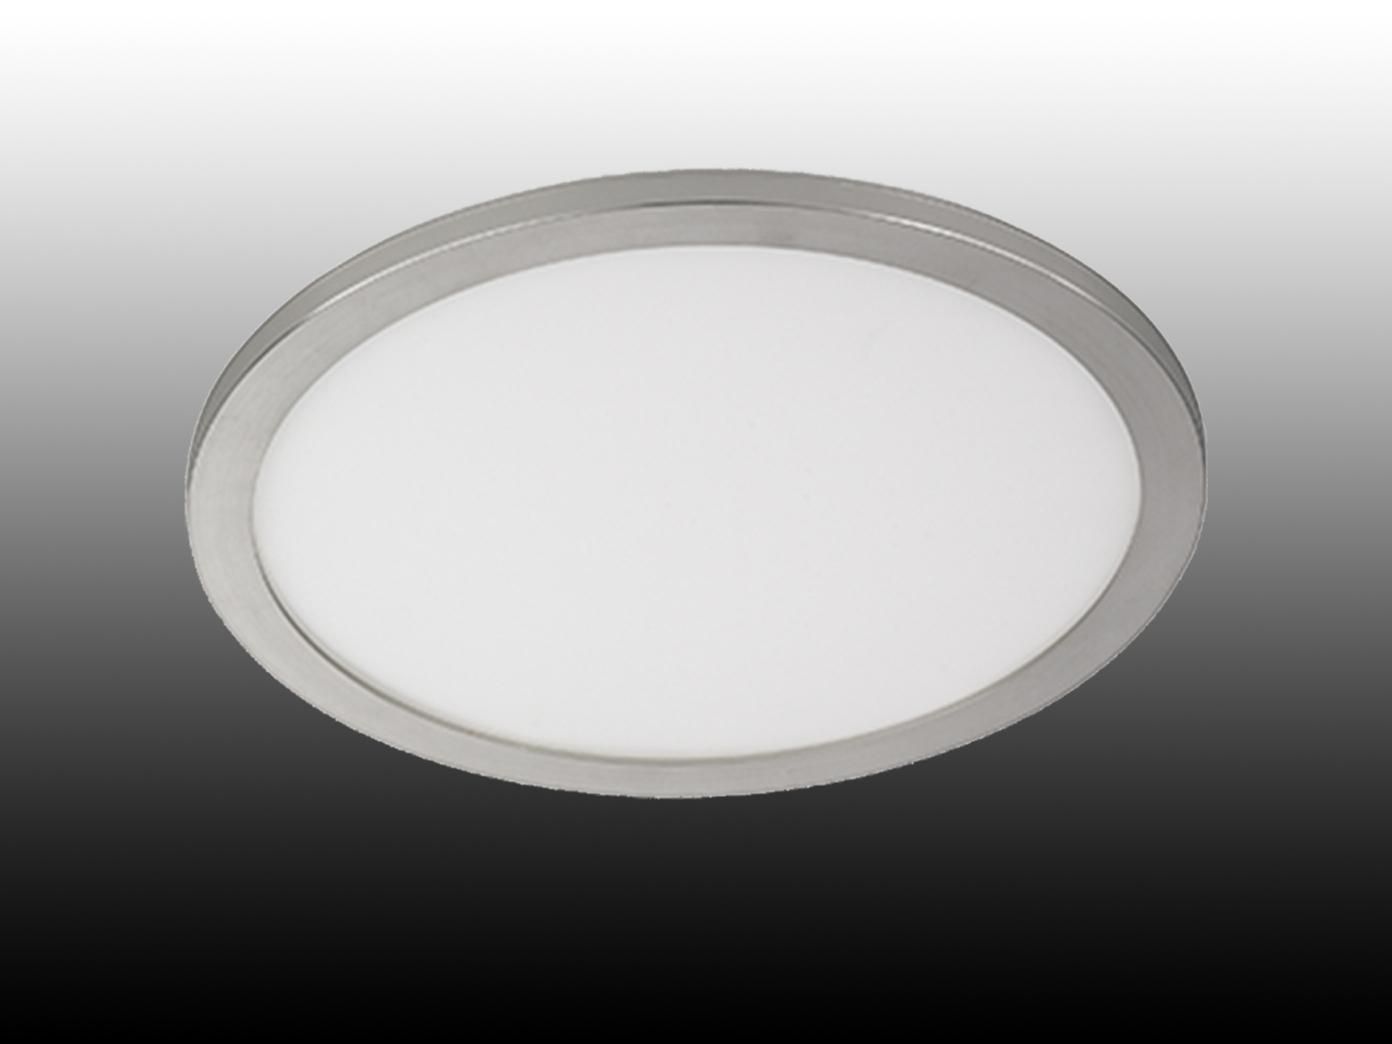 Flache LED Innenleuchte für das Badezimmer, runde Deckenlampe, Ø 40cm,  dimmbar - yatego.com